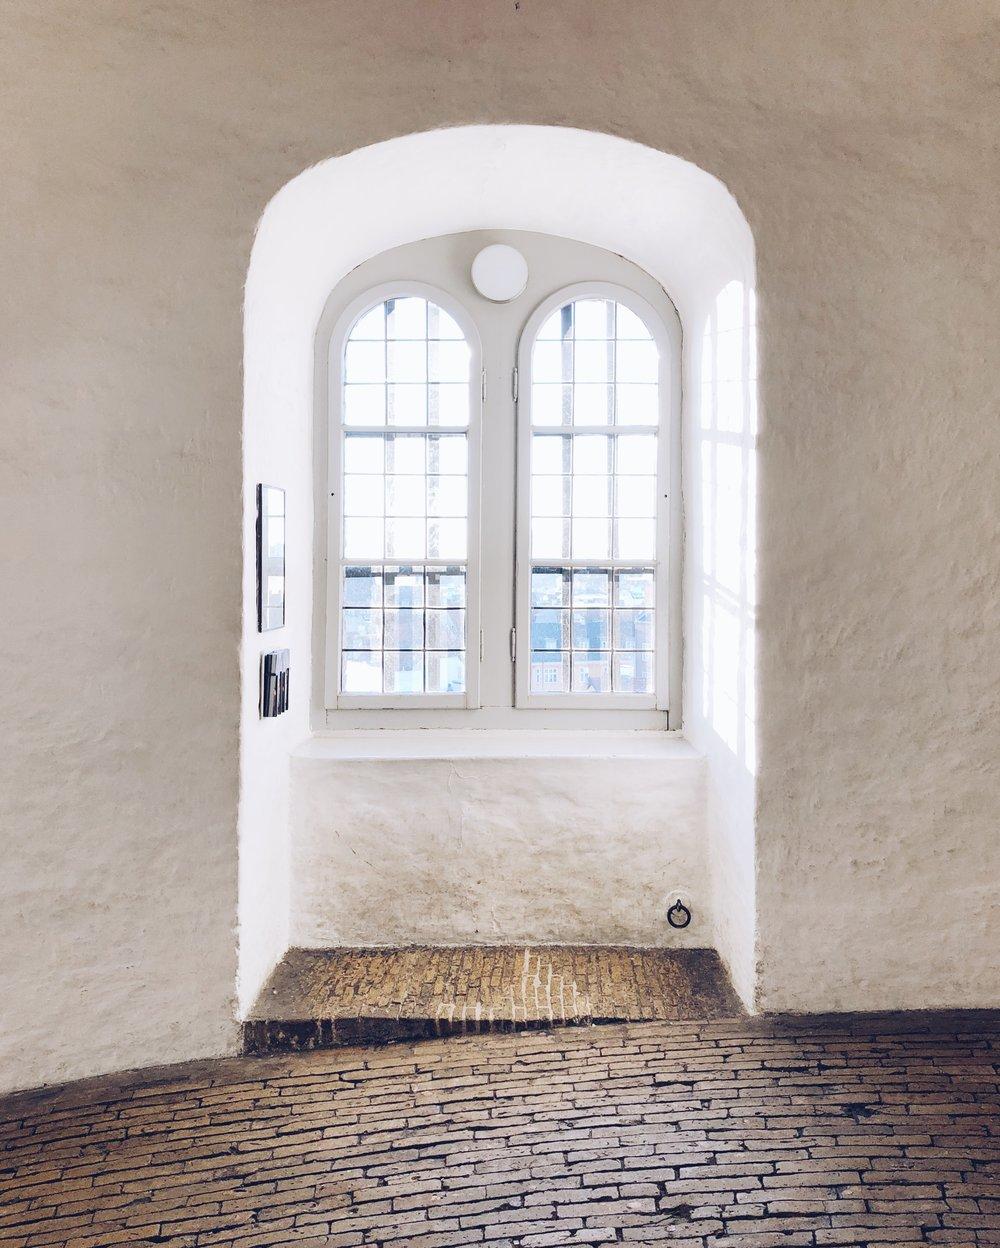 Rundetaarn Round Tower